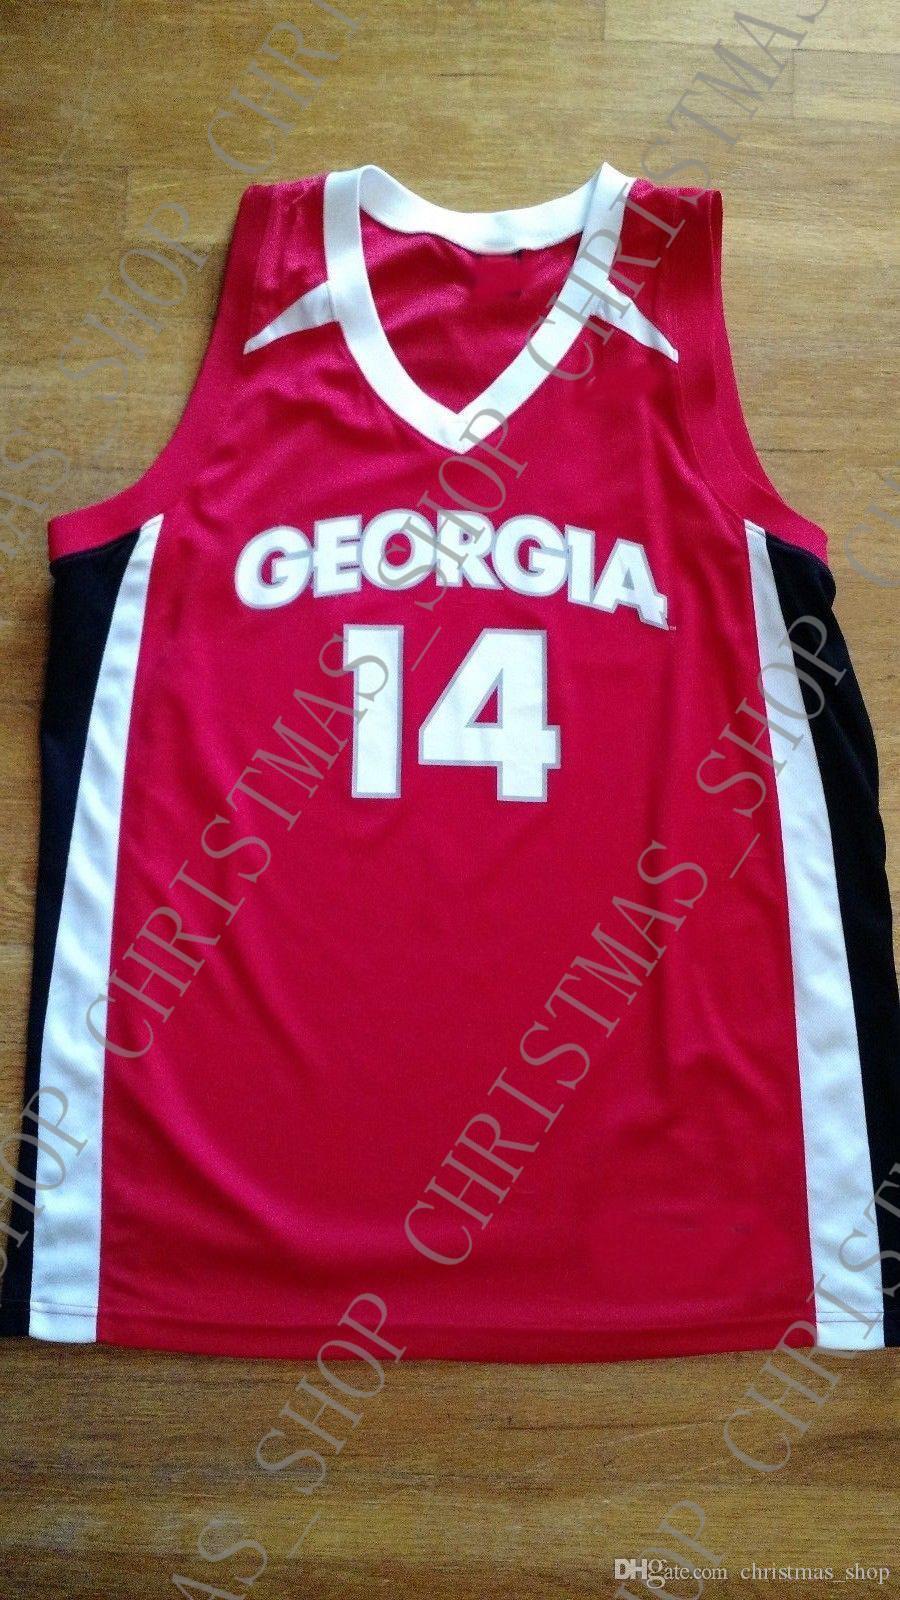 Günstige individuelle Georgia Bulldogs Basketball Jersey nähte Fertigen Sie jede mögliche Zahl Name MEN WOMEN JUGEND XS-5XL